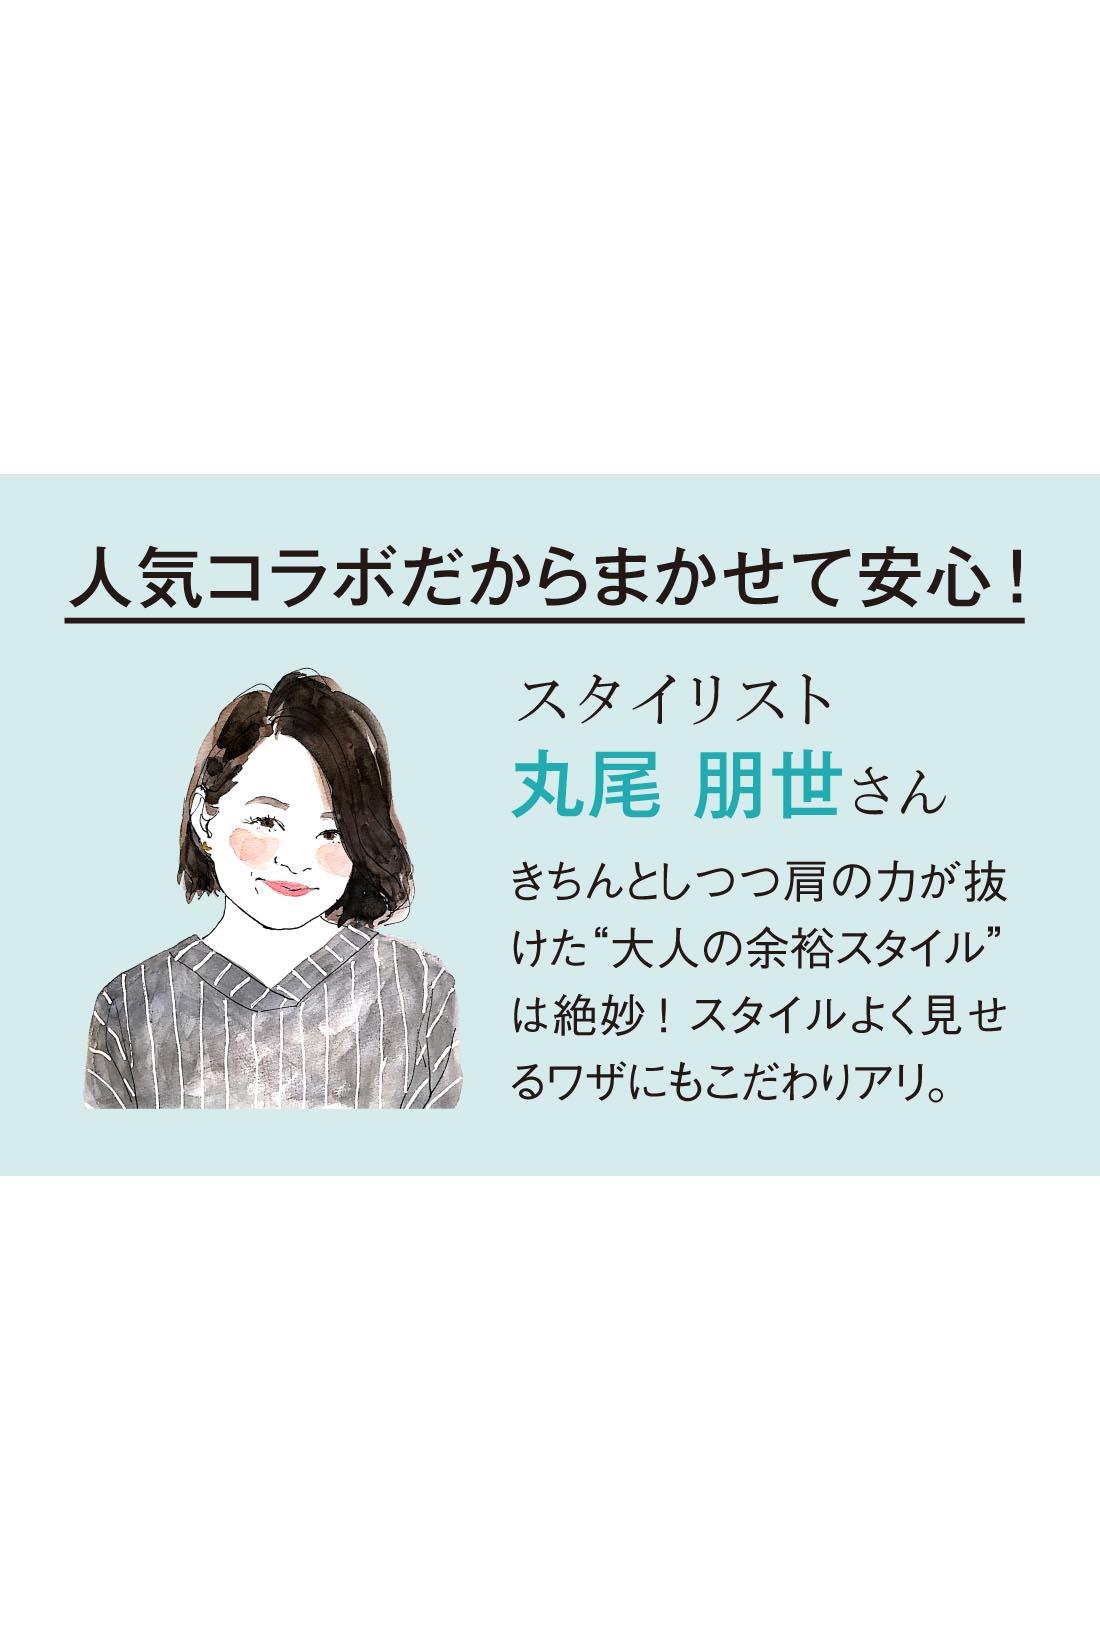 スタイリスト 丸尾朋世さん